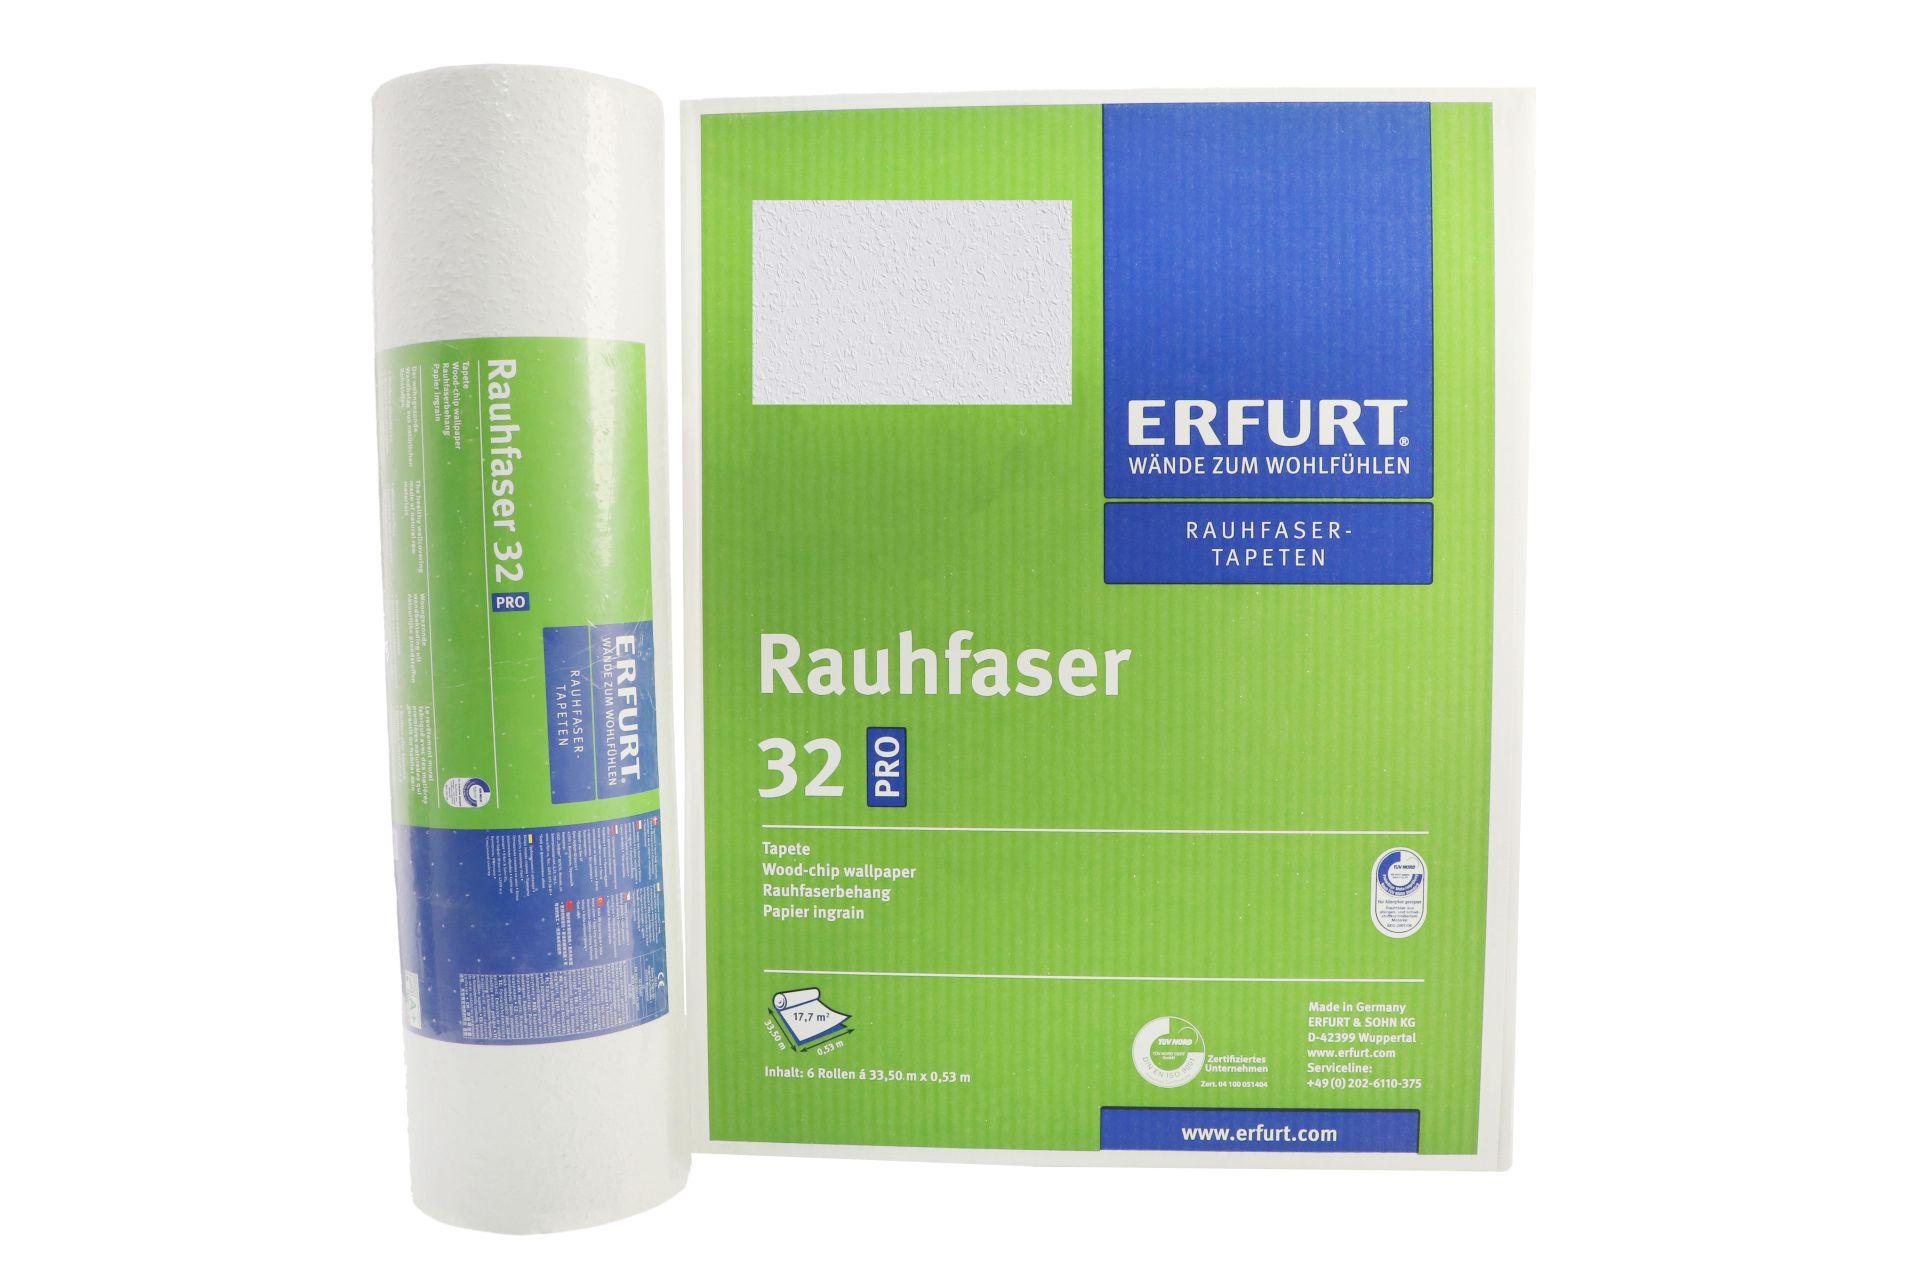 Erfurt Rauhfaser 32 Pro Tapete, 33,5 x 0,53 m, ausreichend für 17,7 m², 6 Rollen im Karton